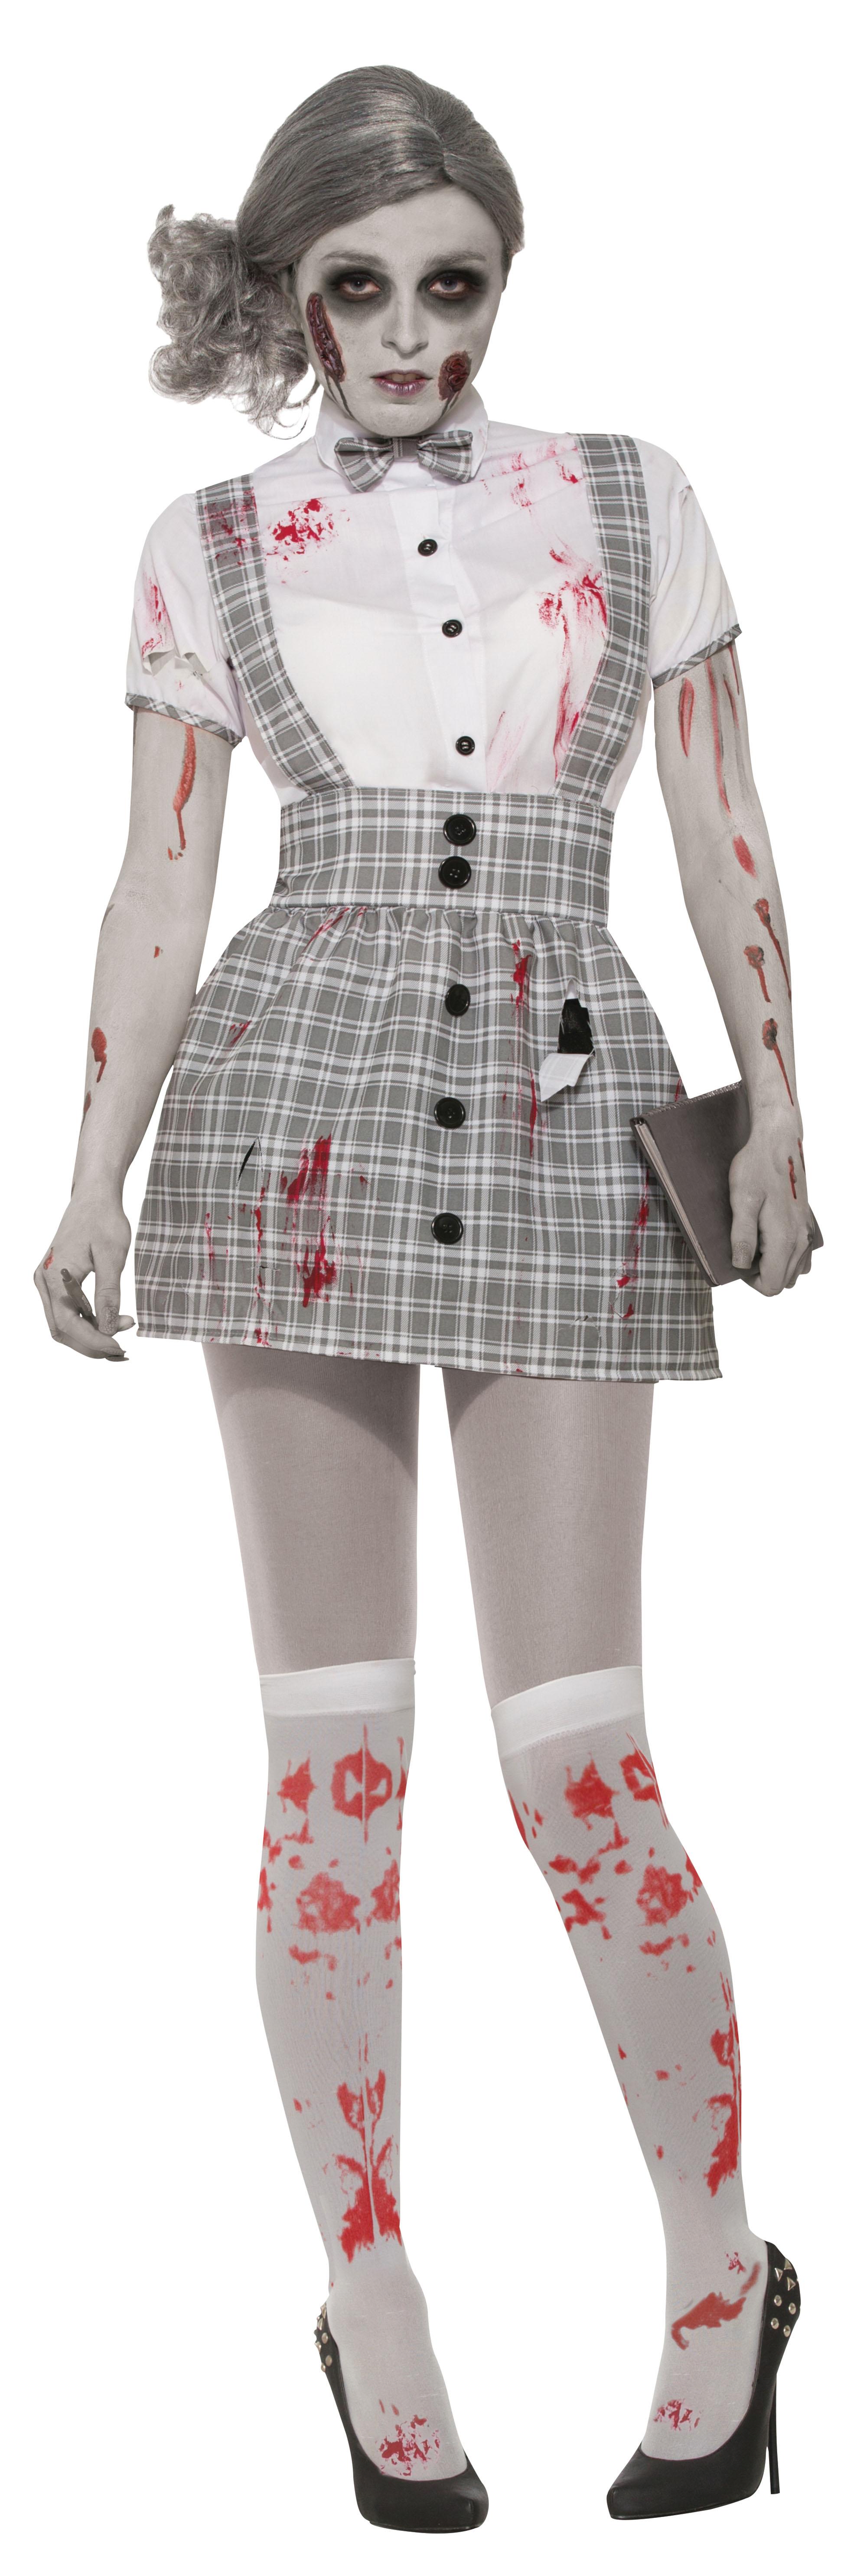 Adult size Zombie Schoolgirl